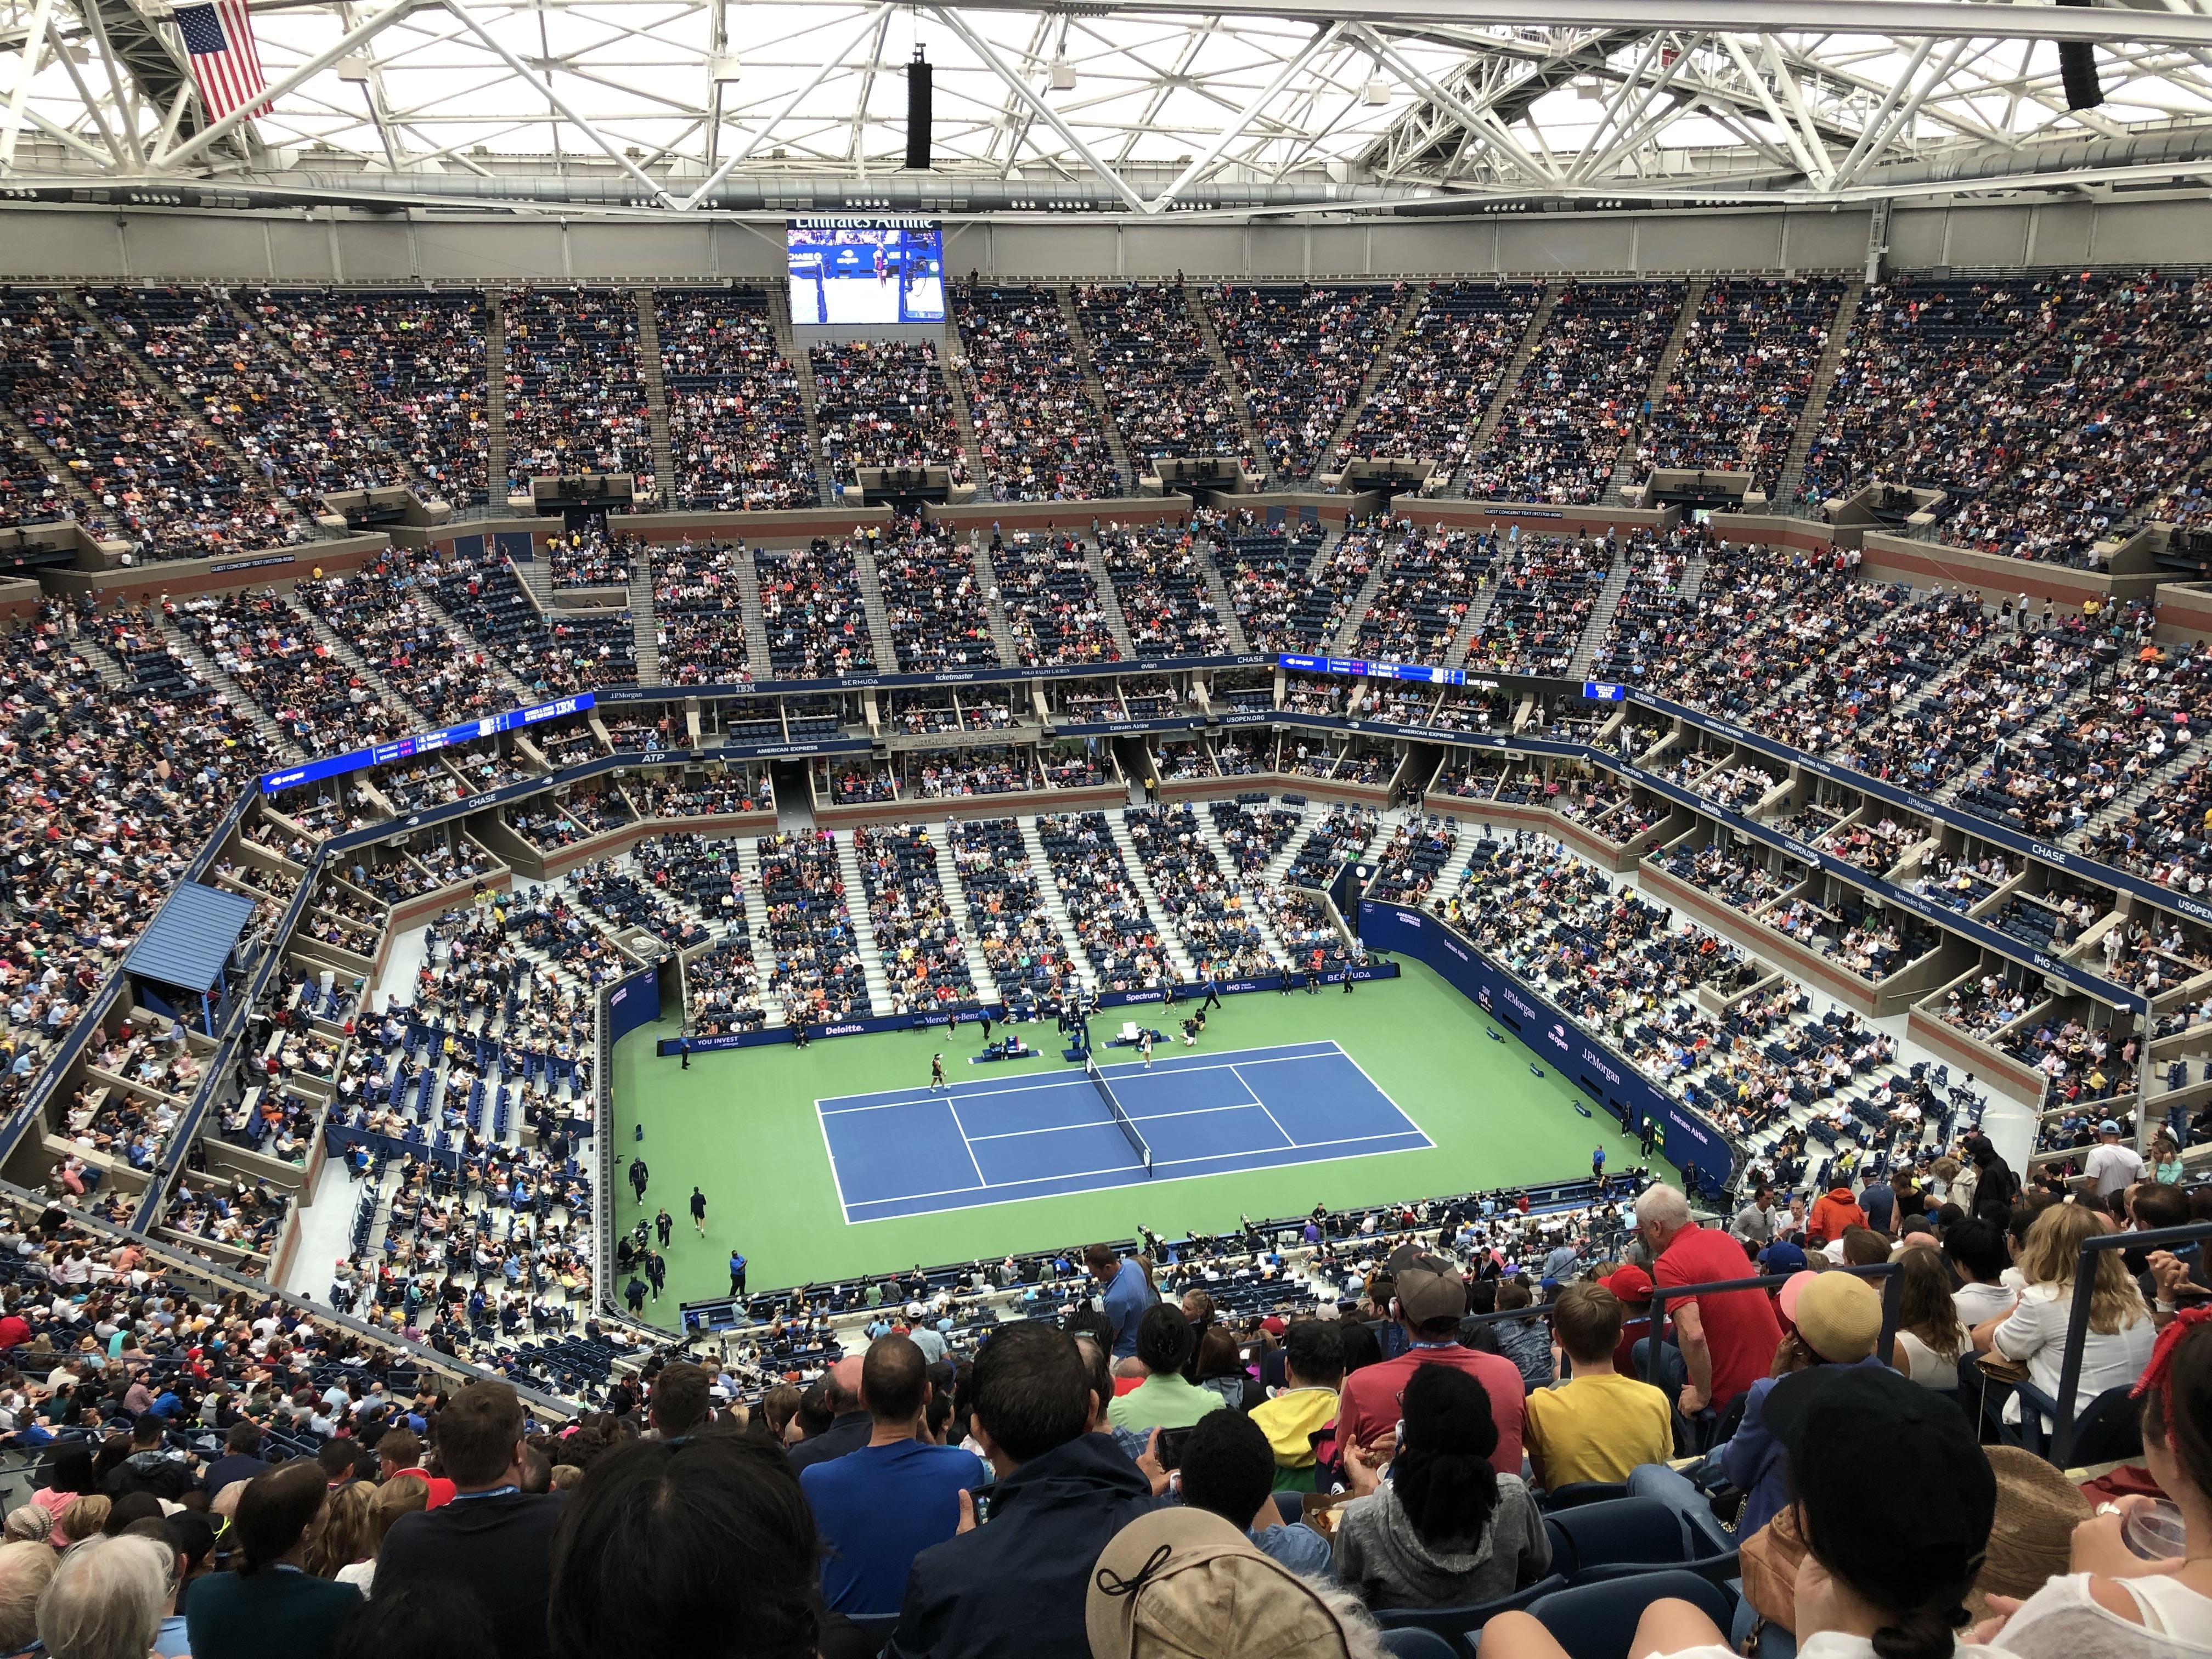 全米オープンテニス2019観戦記